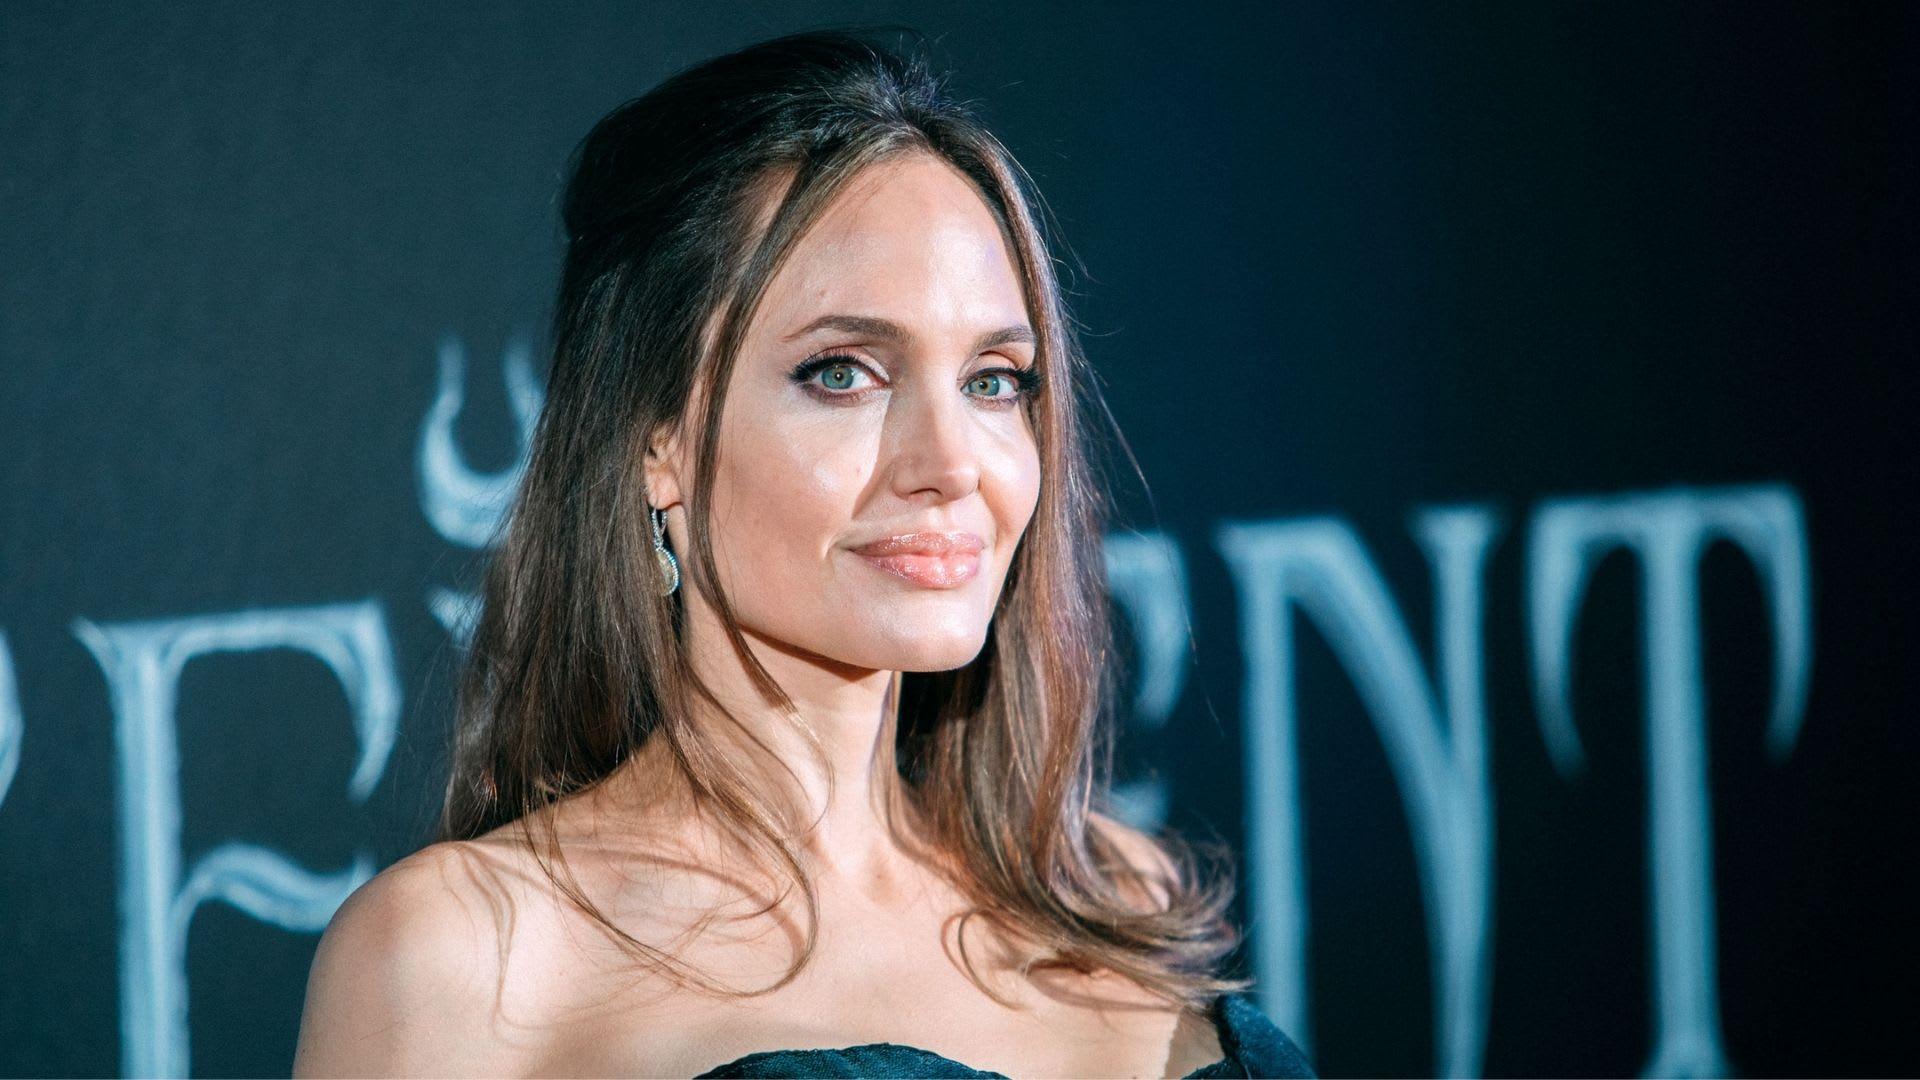 Chi è l'attrice più pagata del mondo?